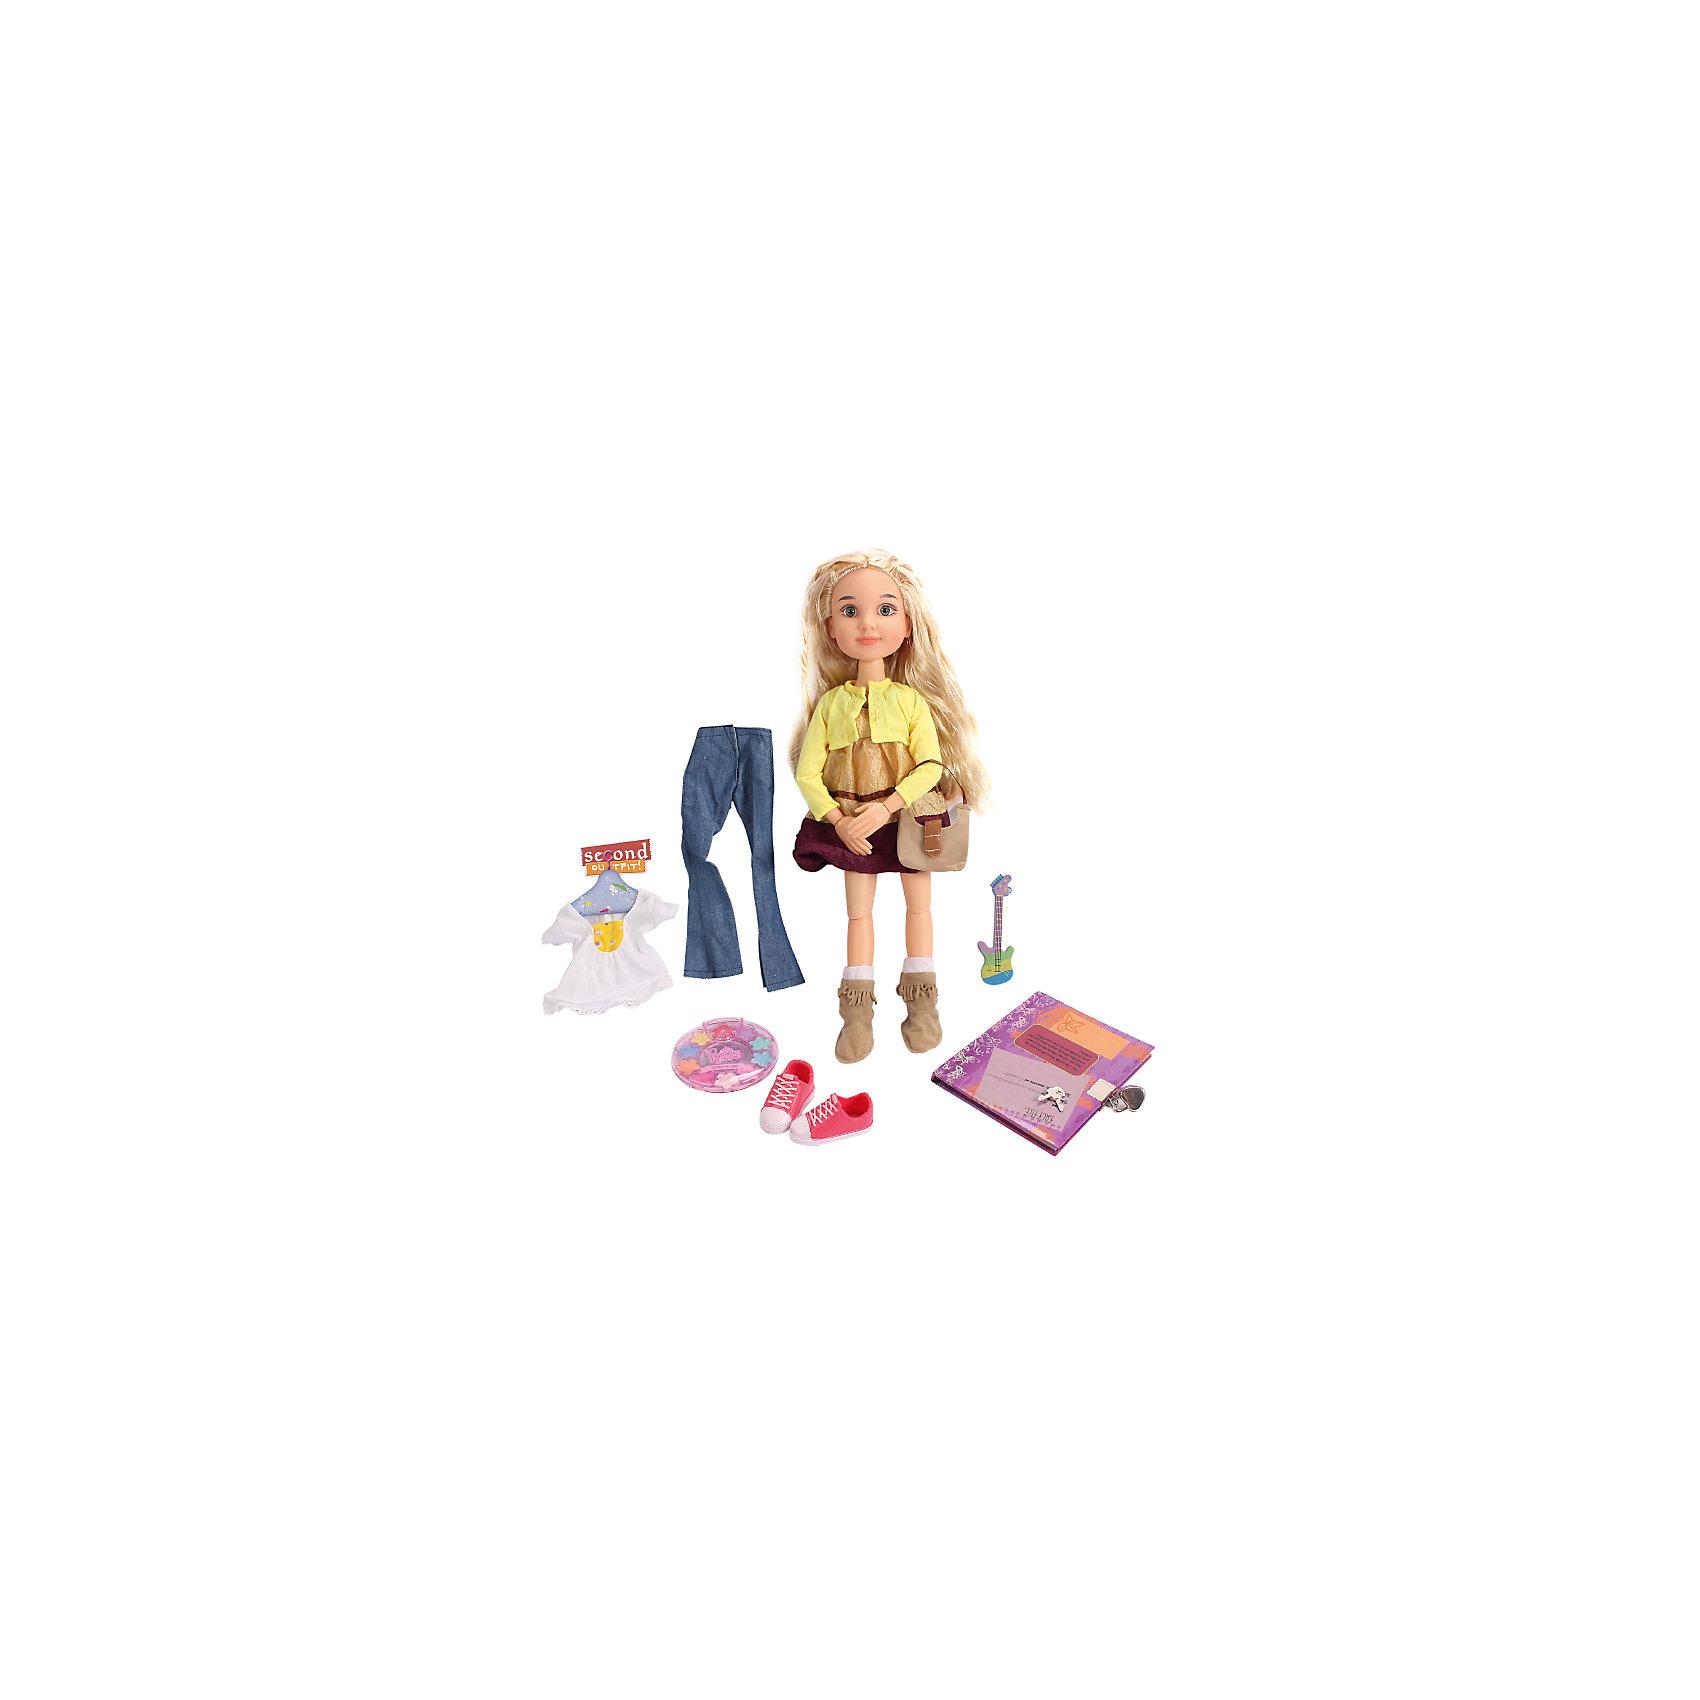 Кукла Макияж: Фитнес девчонка, 45,5 см, с аксессуарами, DollyToyКлассические куклы<br>Яркая модница ждёт встречи с новыми подружками! Эту куклу можно наряжать и делать ей настоящий макияж, косметика и стильные вещи есть в комплекте. Благодаря шарнирам можно менять положение ручек и ножек. В дополнение к аксессуарам в комплекте есть блокнот, в котором можно делать записи о моде или хранить важные секреты.<br> <br>Дополнительная информация:<br><br><br>Высота куклы: 45,5 см<br>В комплекте: кукла, косметика, одежда, блокнот, аксессуары<br><br>Куклу Макияж: Фитнес девчонка, 45,5 см, с аксессуарами, DollyToy можно купить в нашем магазине.<br><br>Ширина мм: 500<br>Глубина мм: 110<br>Высота мм: 380<br>Вес г: 1542<br>Возраст от месяцев: 72<br>Возраст до месяцев: 1188<br>Пол: Женский<br>Возраст: Детский<br>SKU: 4590210